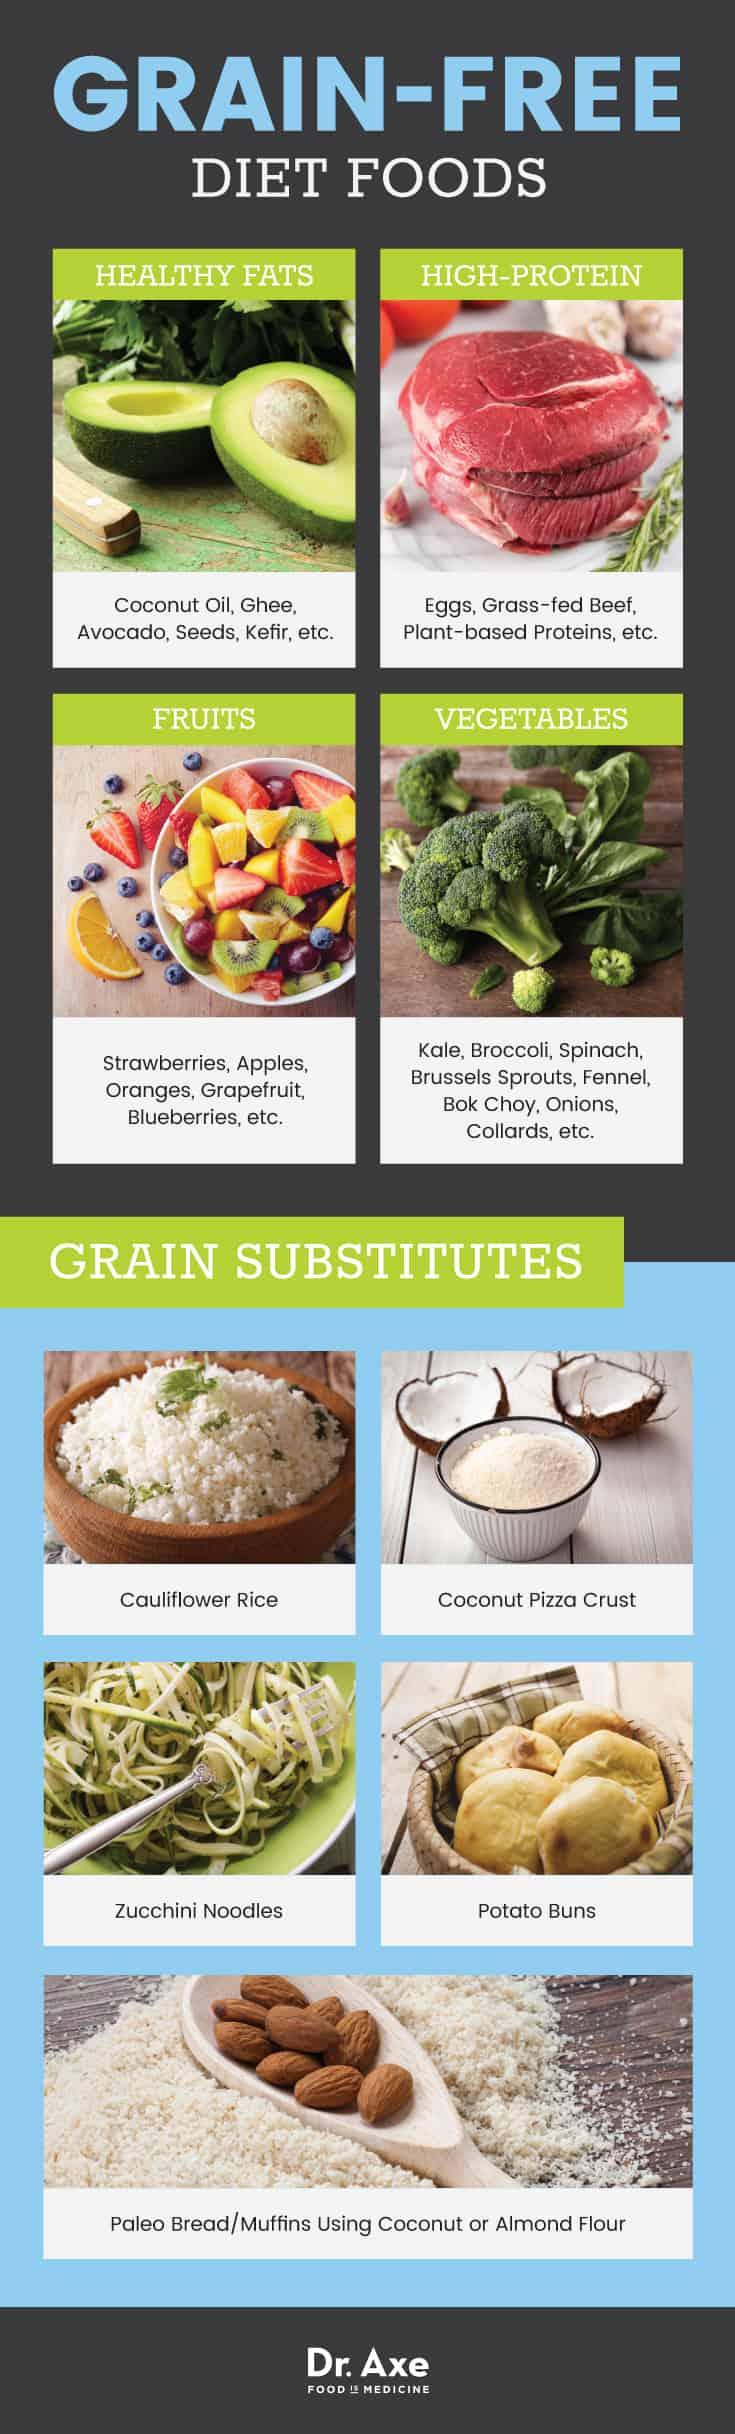 Grain-free diet foods - Dr. Axe